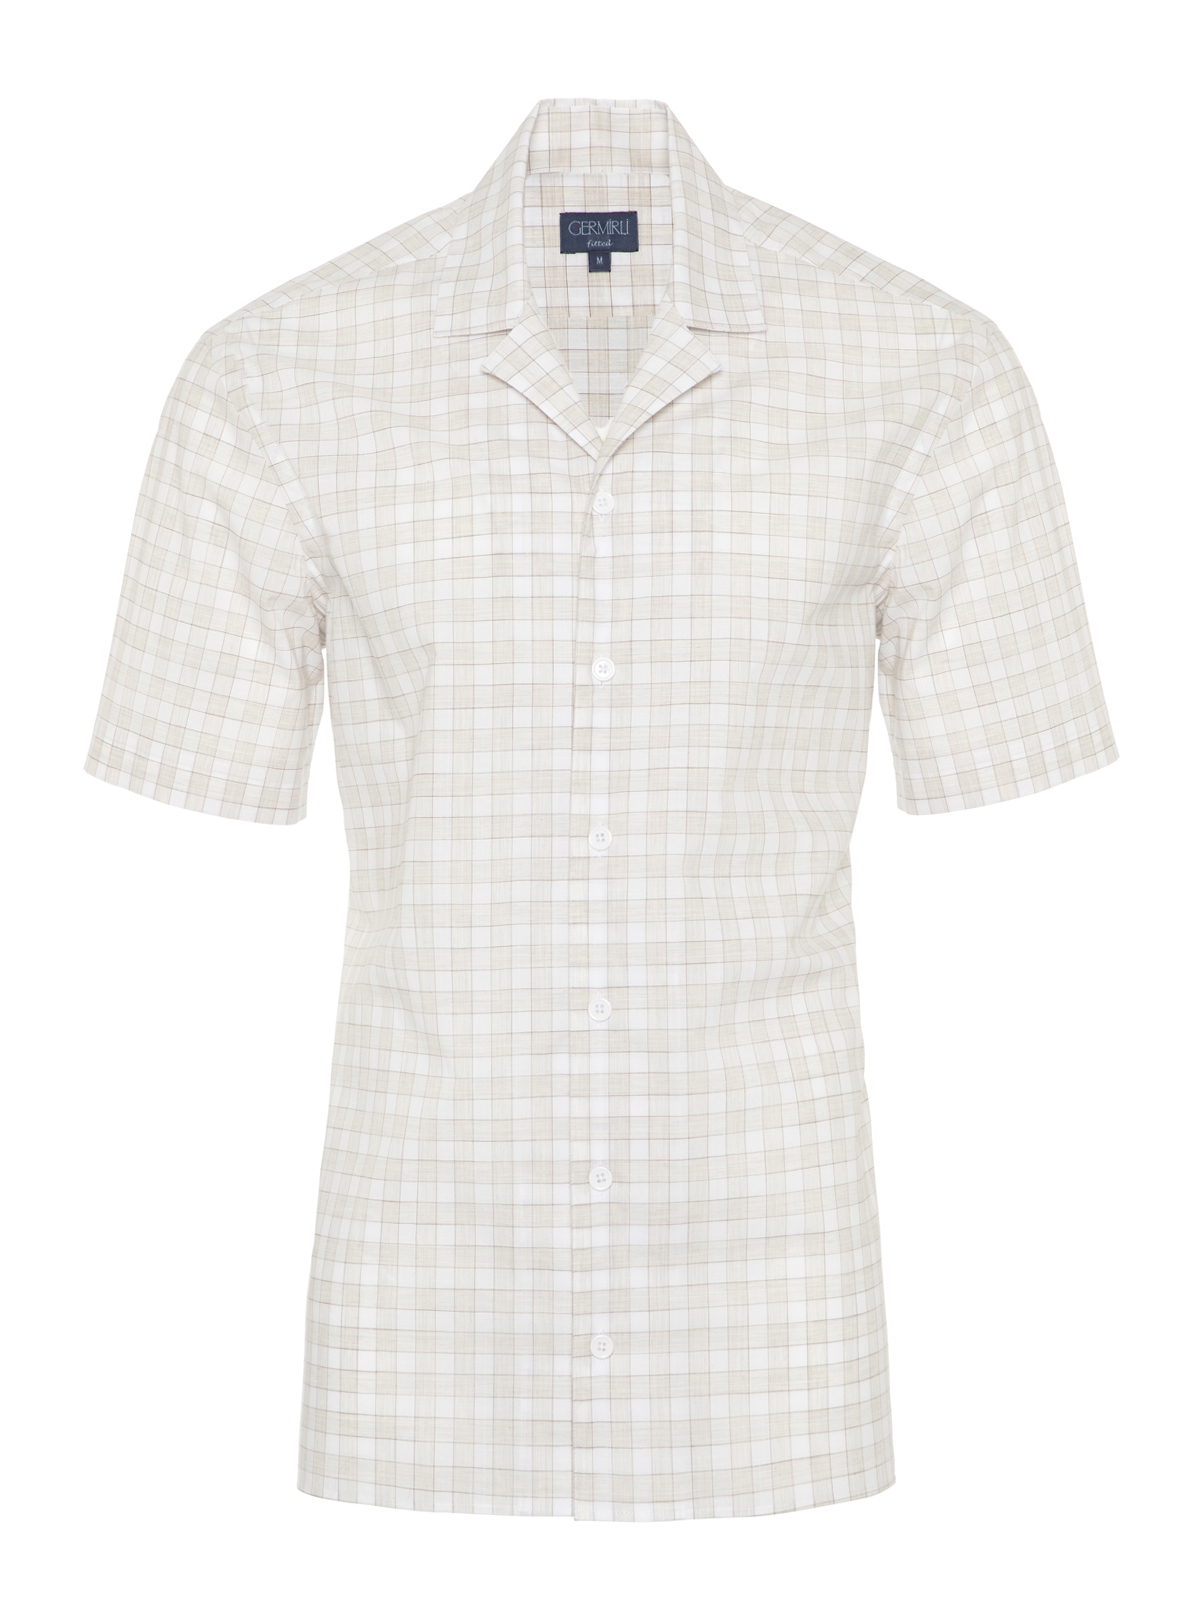 Germirli Bej Beyaz Kareli Hawaii Kısa Kollu Tailor Fit Gömlek